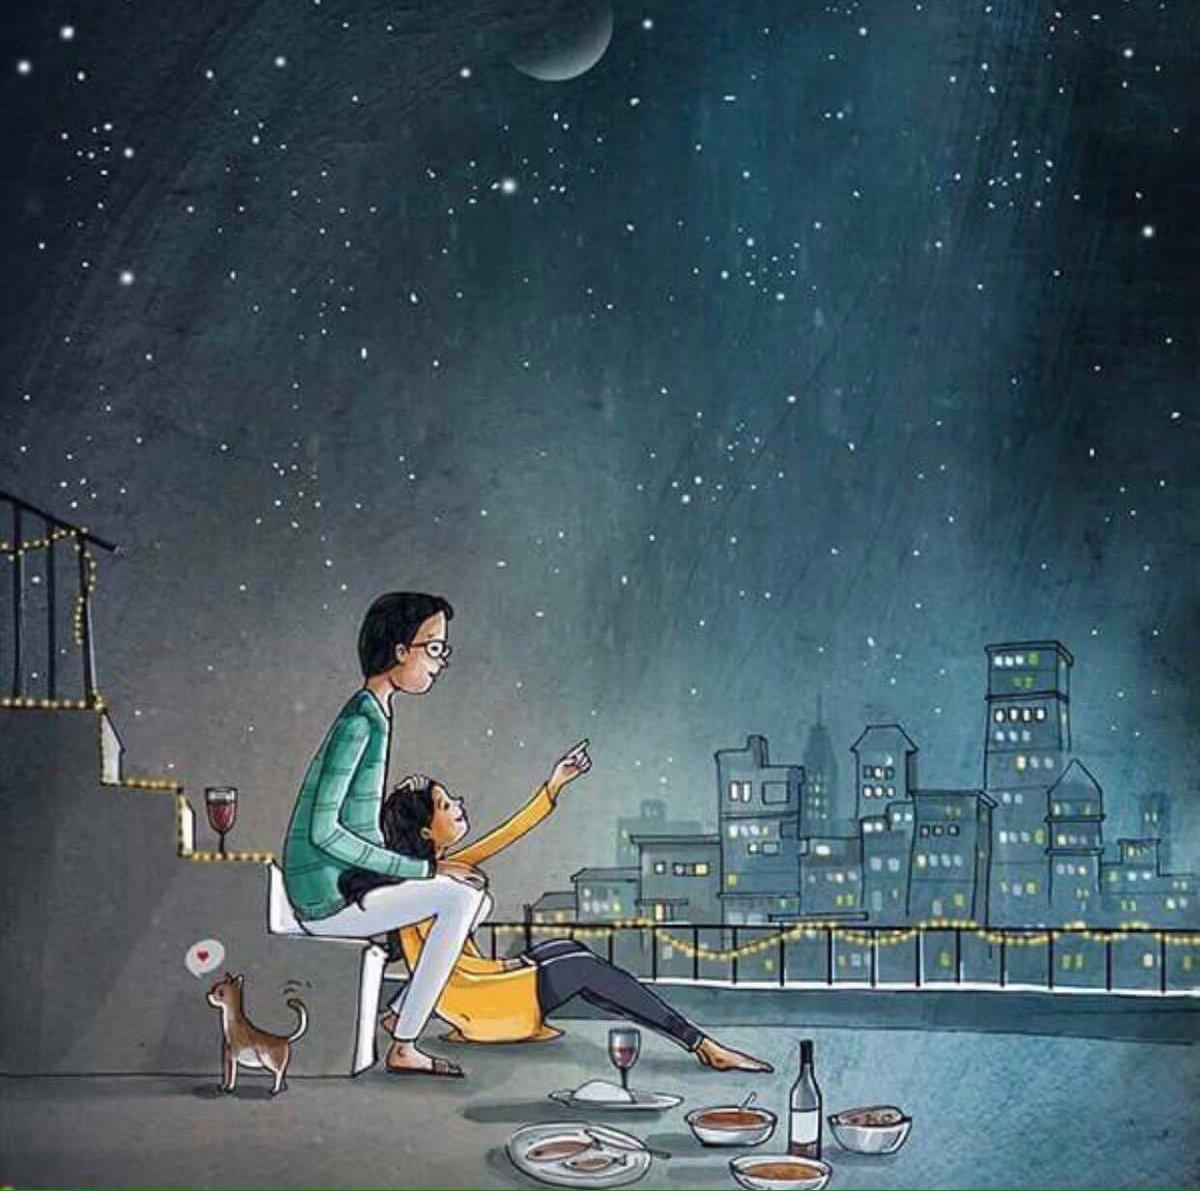 عندما يكون هناك من يرى سعادته فيك، فلا بد وأن تجد ما يسعدك فيه، فلا تتخلى عنه أبدا.